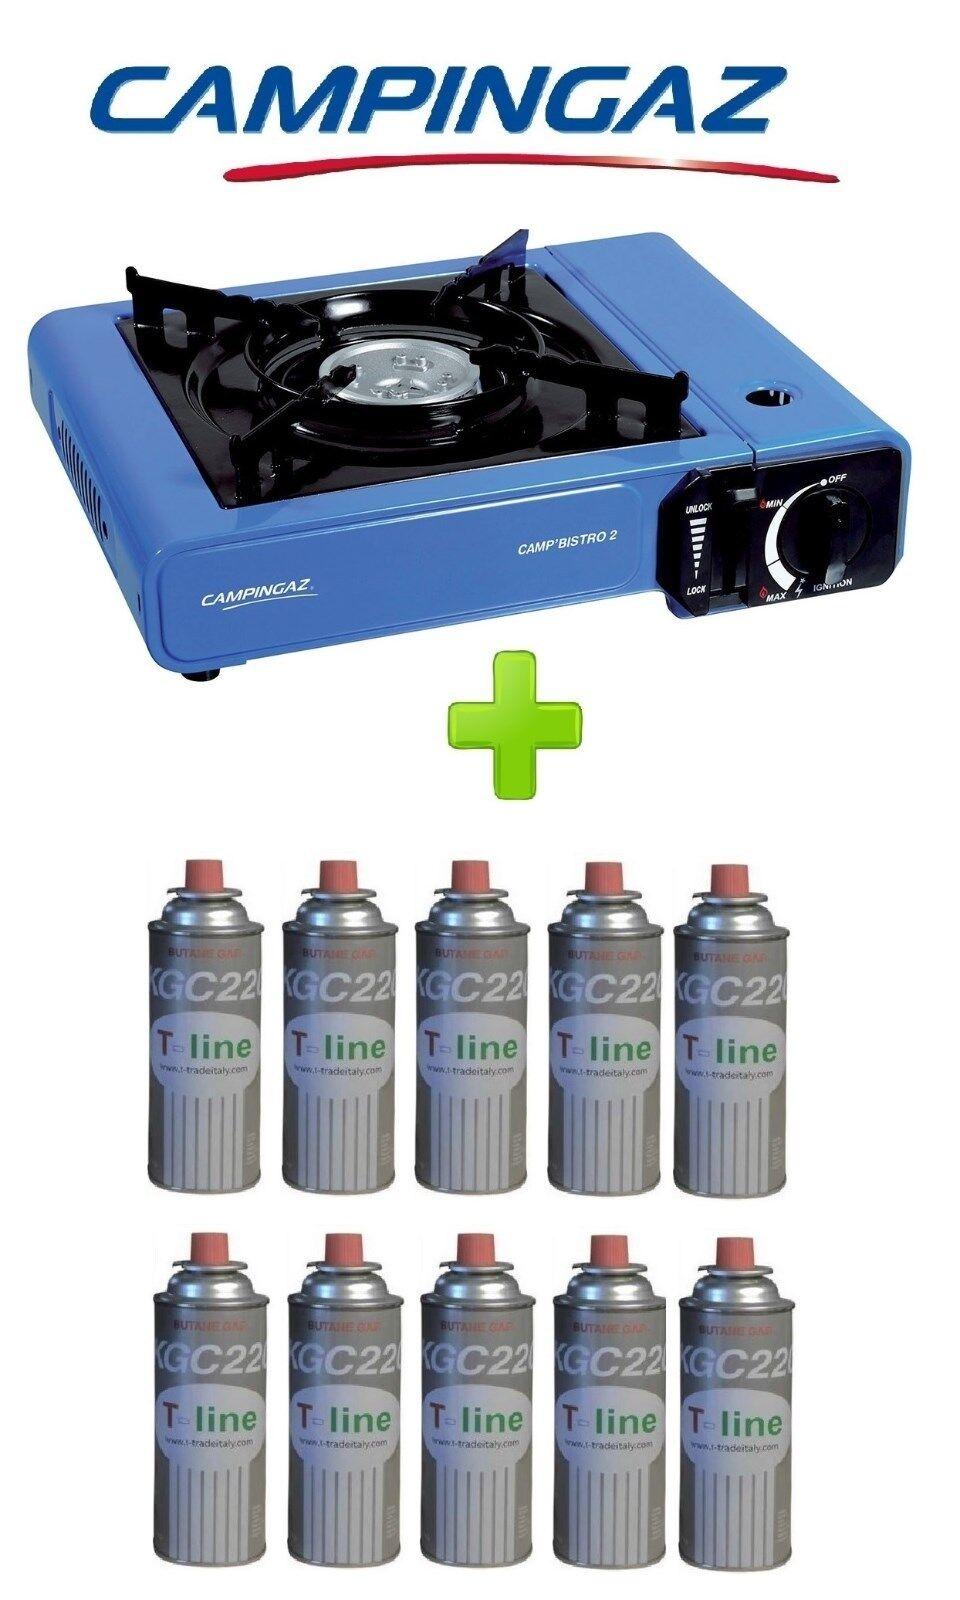 FORNELLO PORTATILE A GAS BISTRO CAMPINGAZ CON CON CON VALIGETTA +  10 CARTUCCIE A GAS - 2f9e87